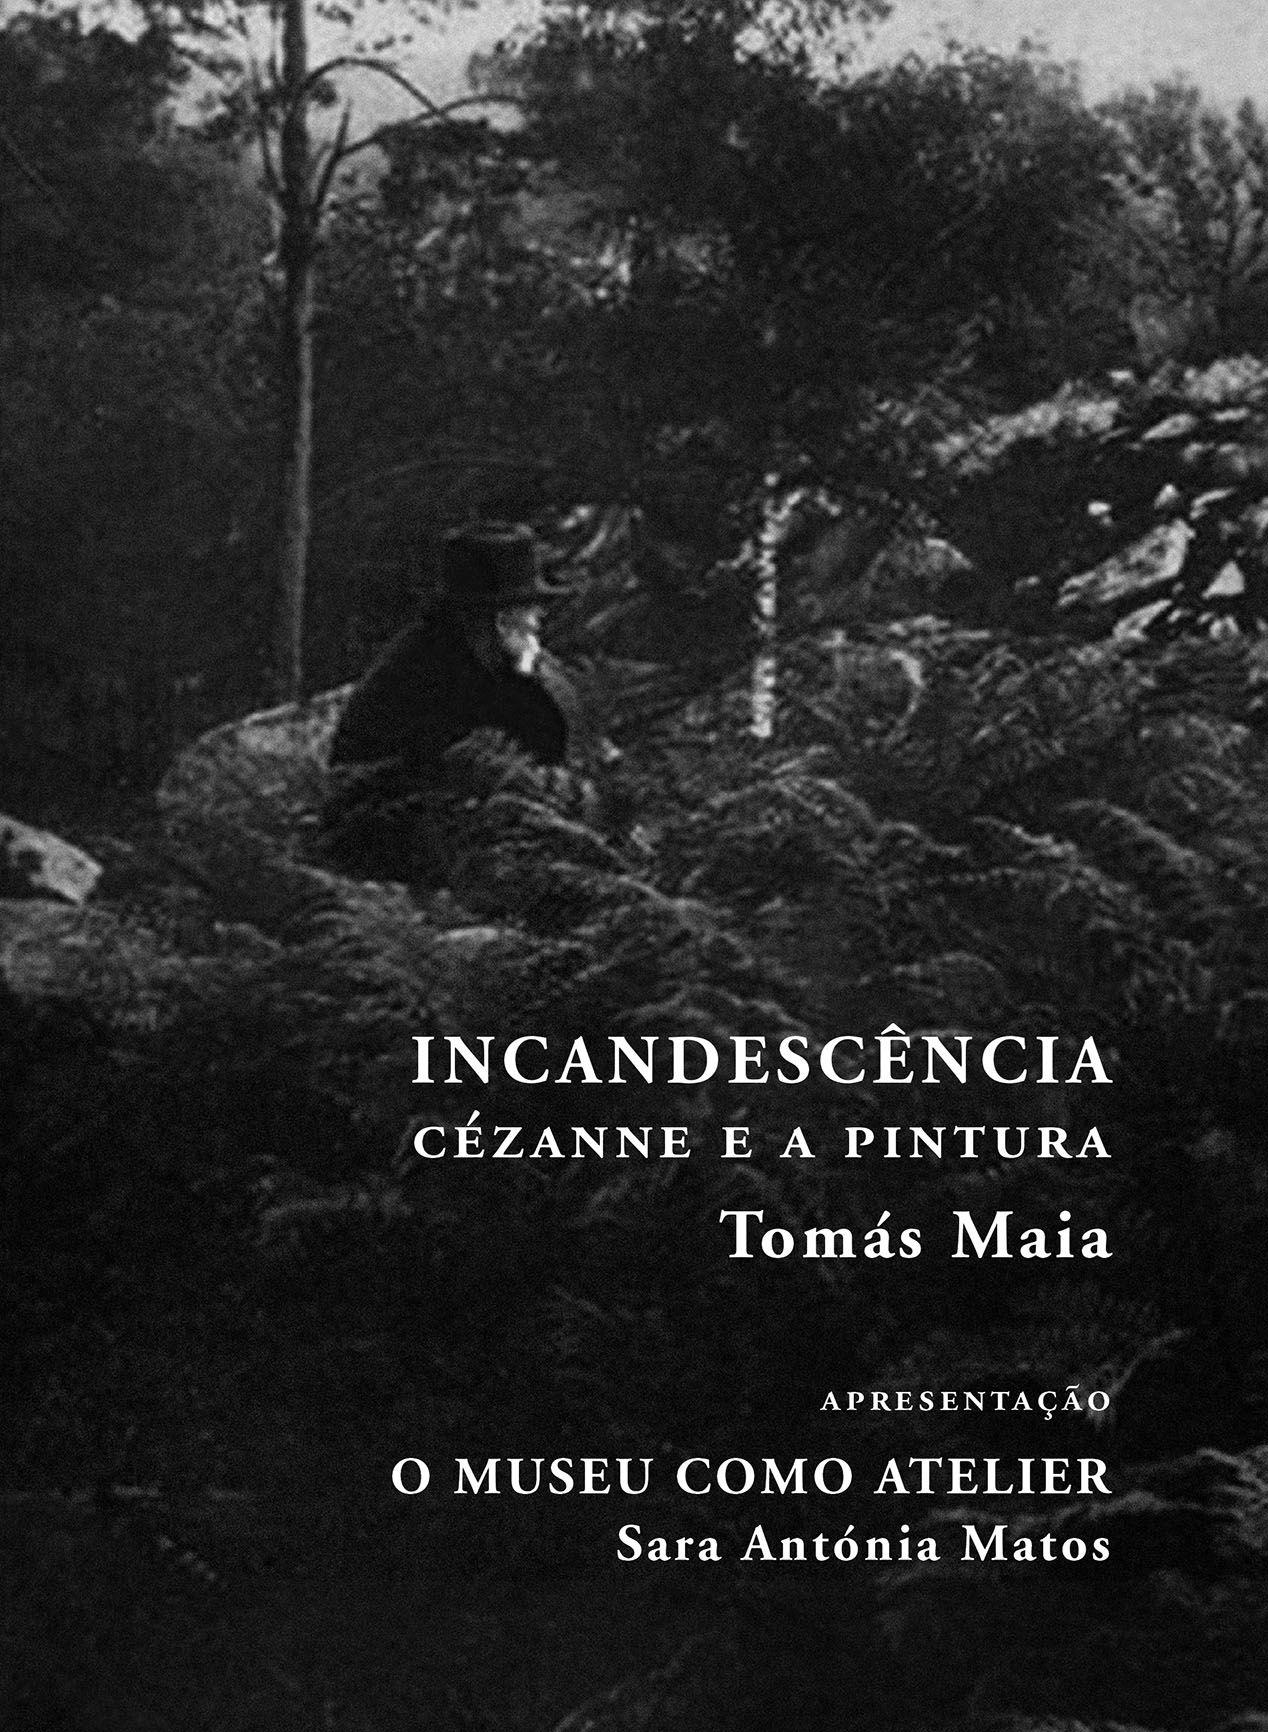 «Incandescência - Cézanne e a Pintura», de Tomás Maia. Com apresentação («O Museu como Atelier») de Sara Antónia Matos.